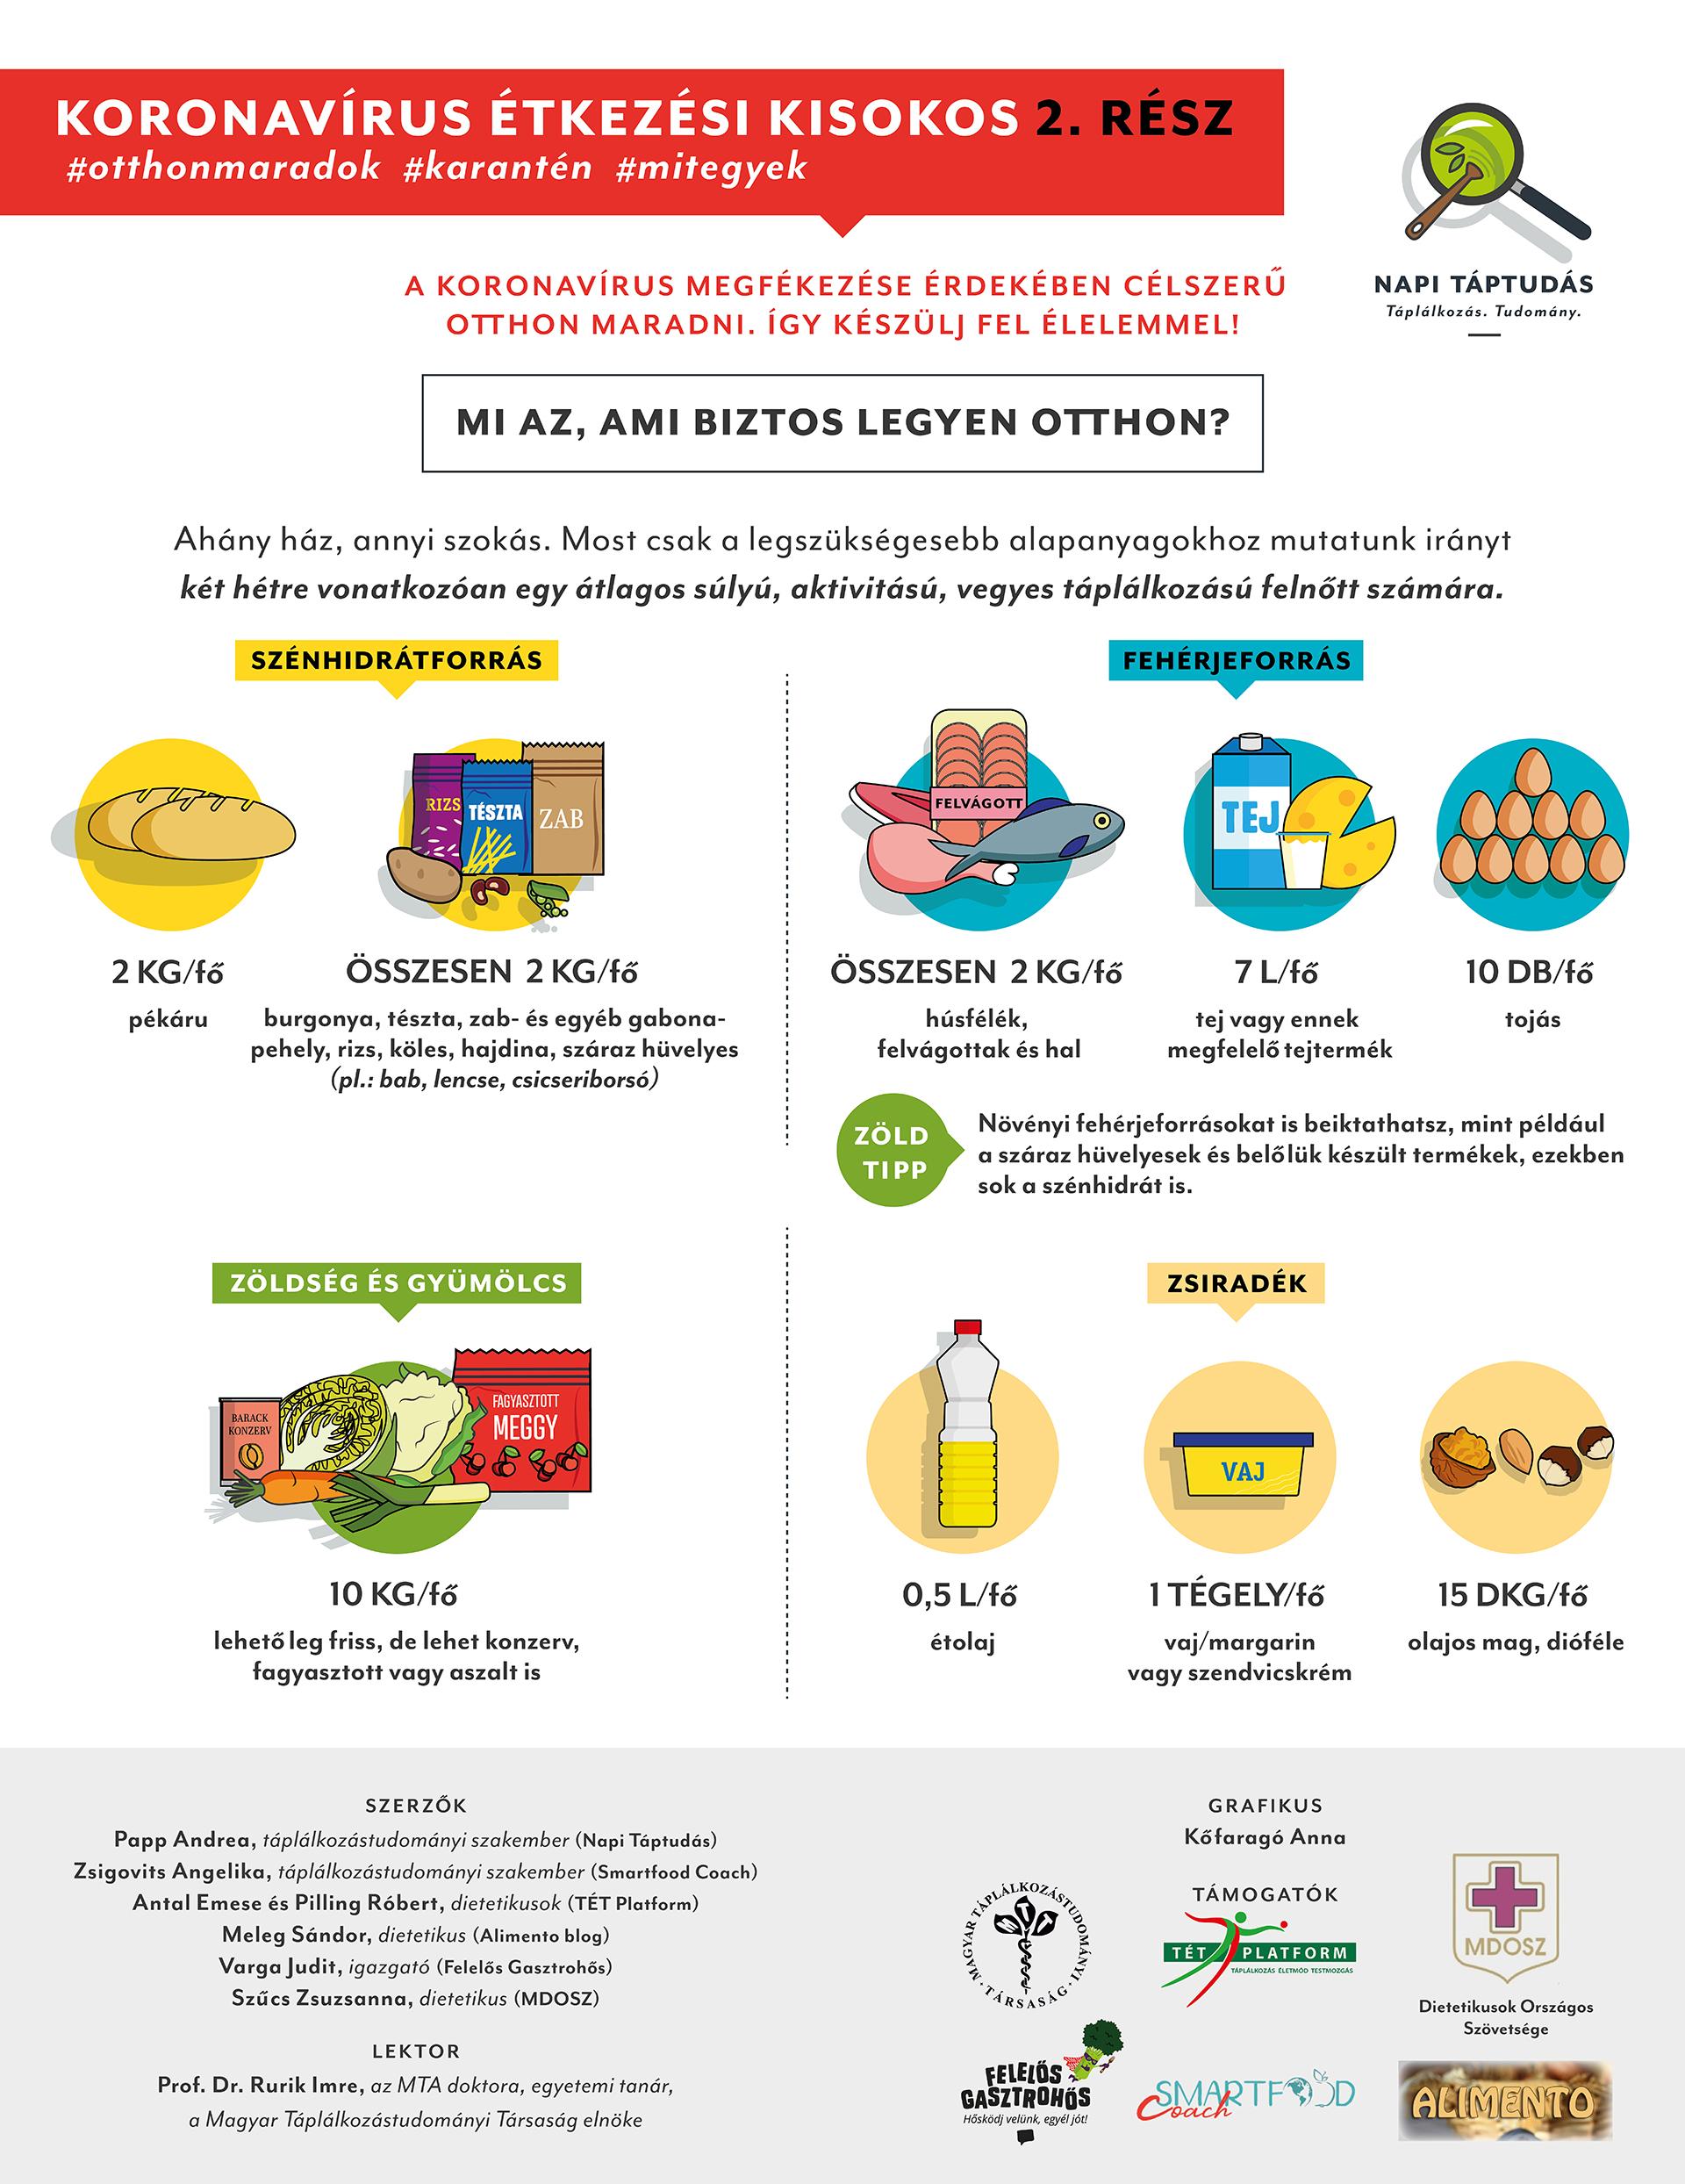 koronavirus-etkezesi-kisokos-infografika-2.jpg